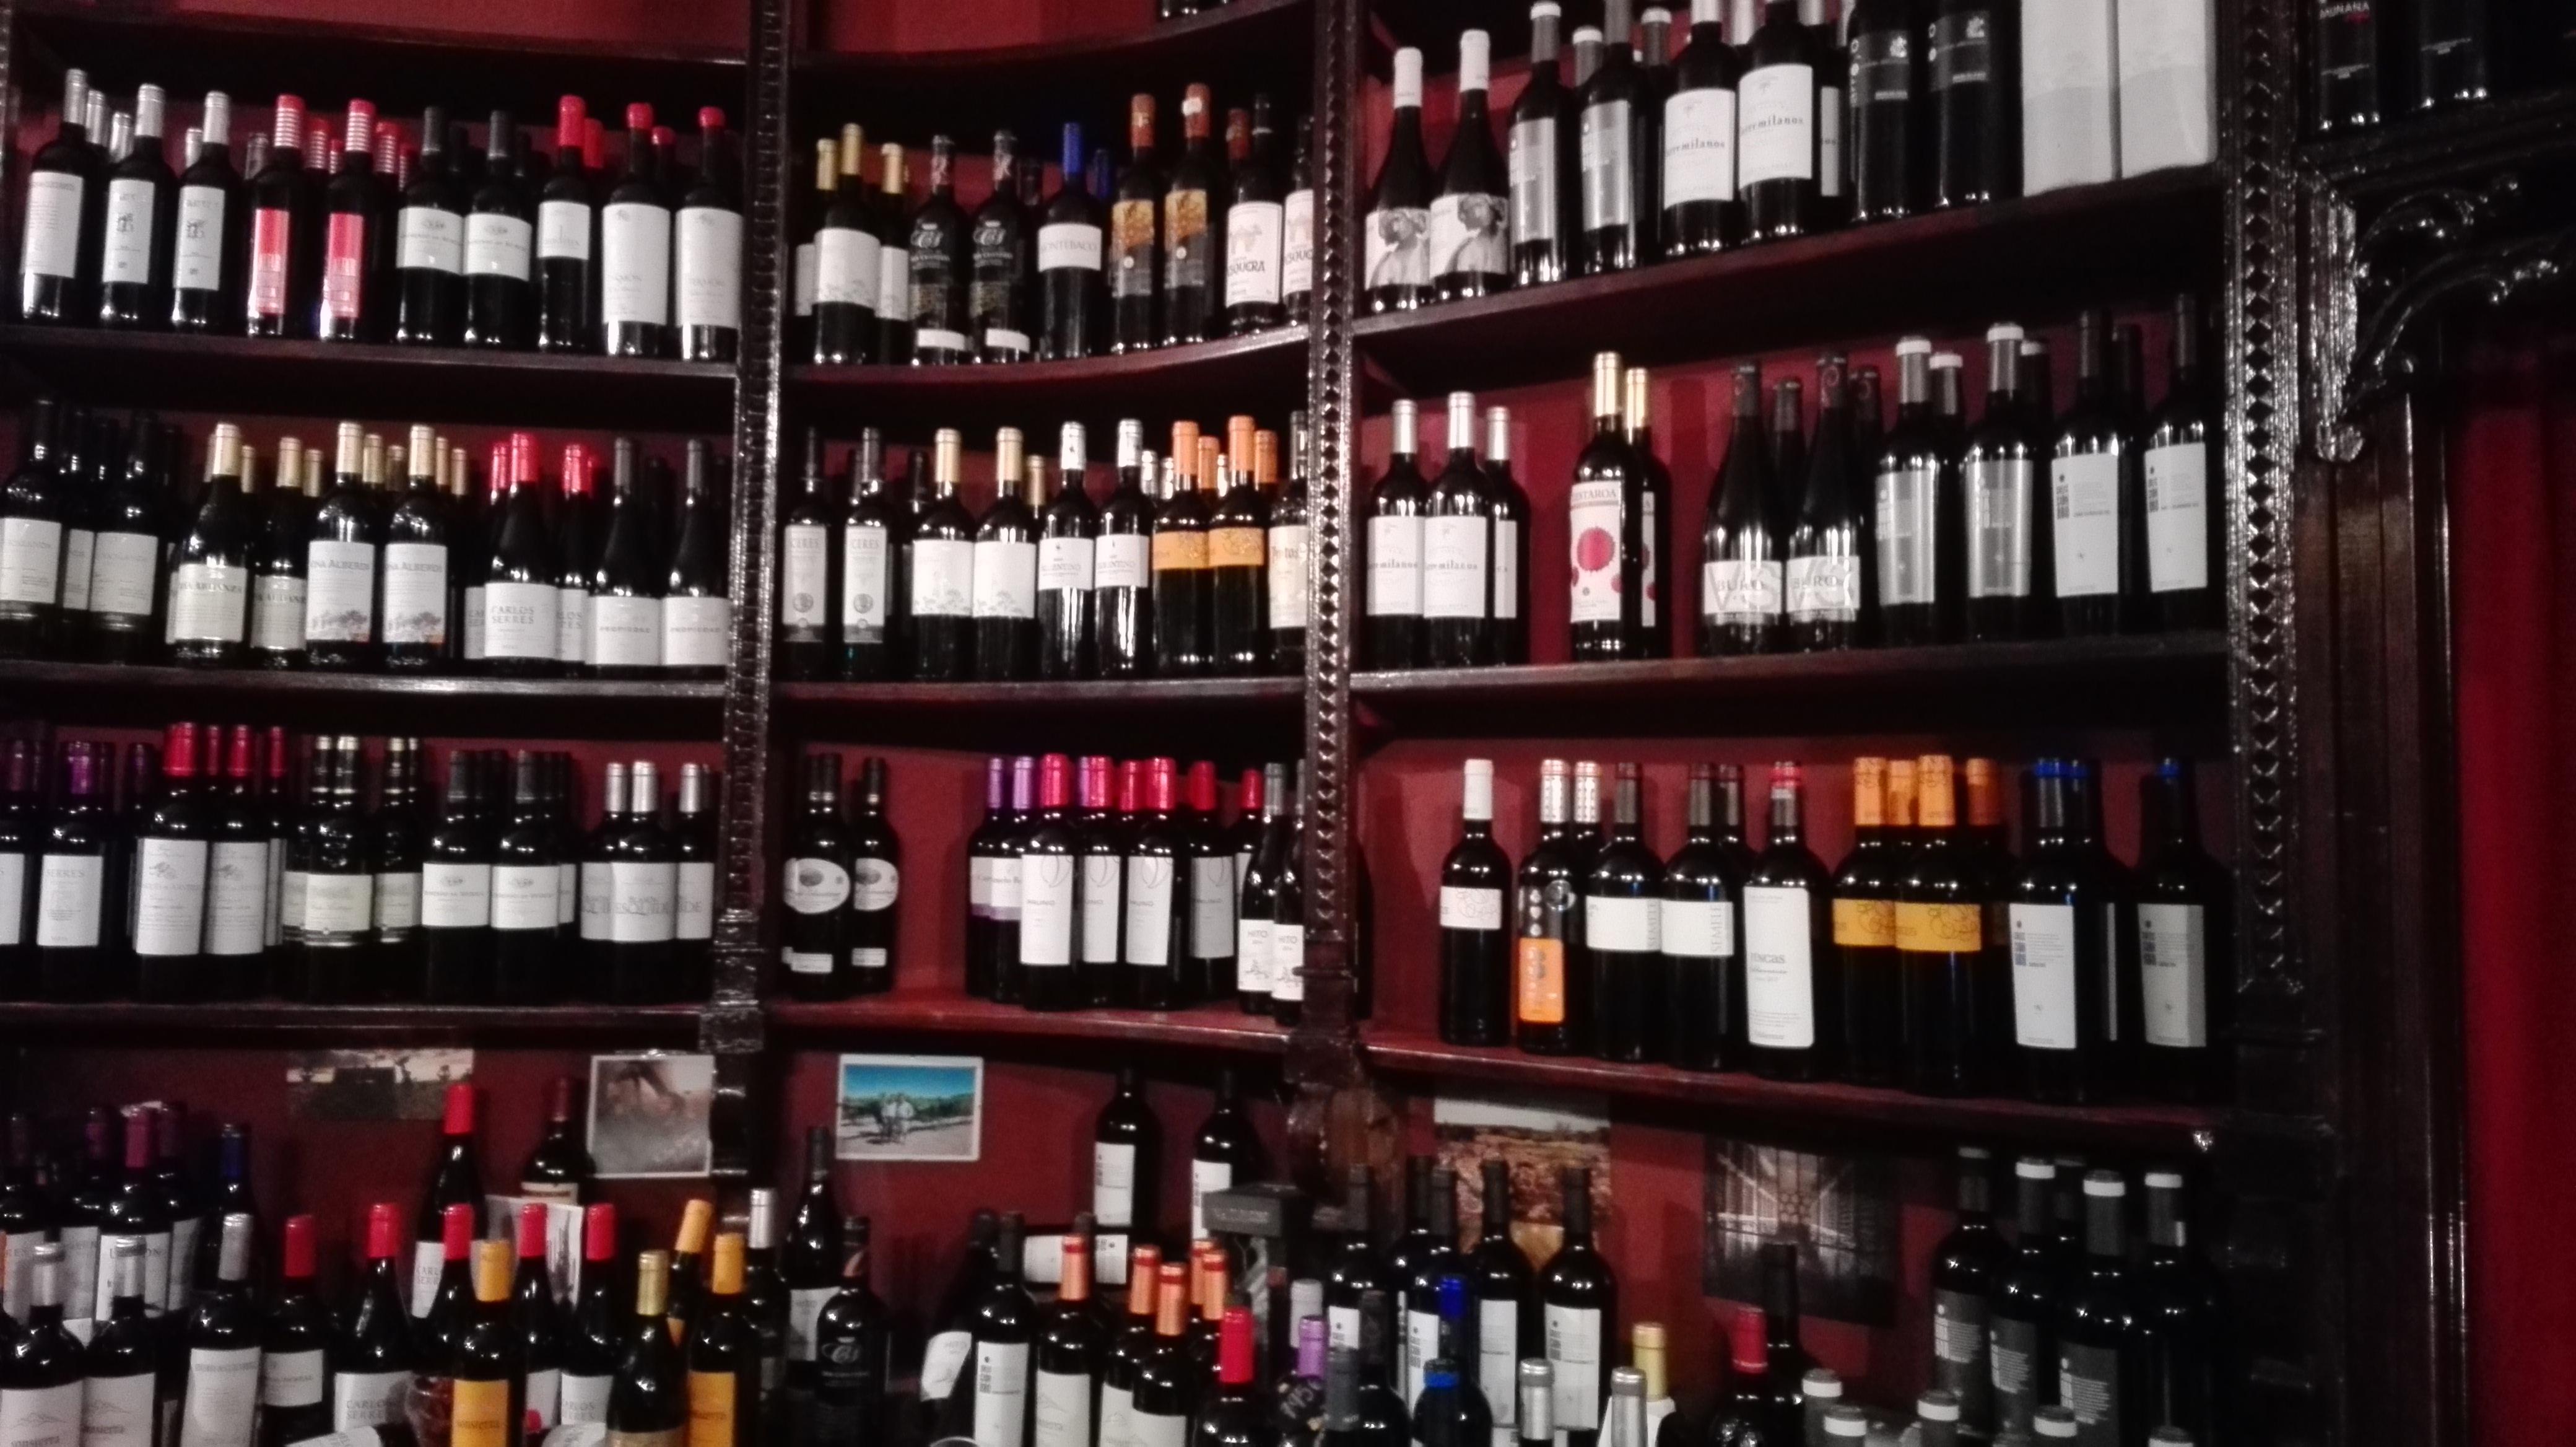 Cata de vinos en madrid el vuelo de mi falda - Estanterias de vino ...